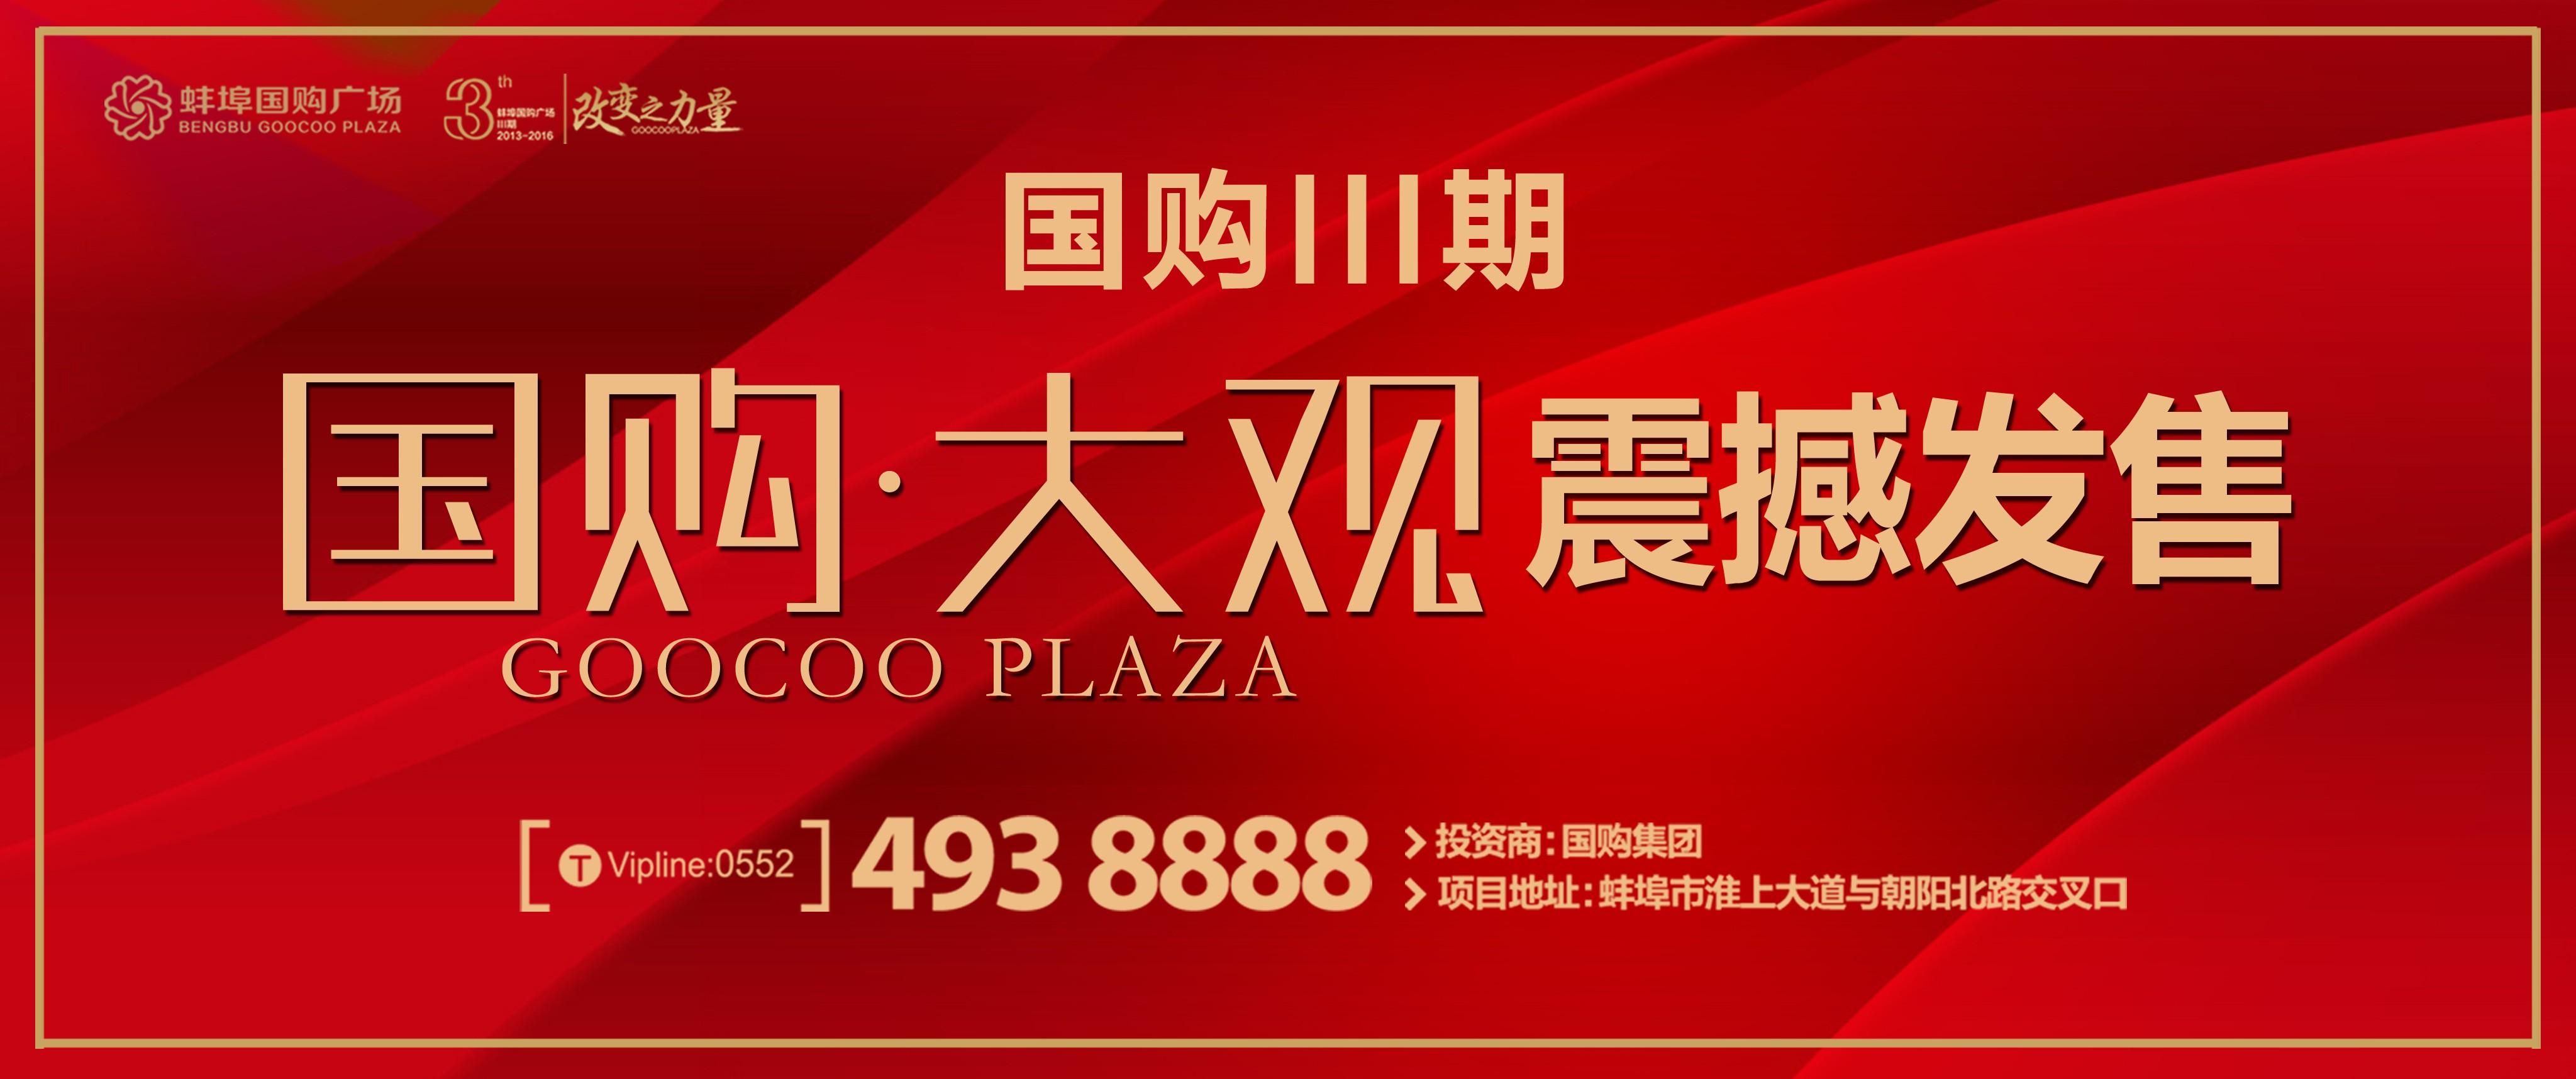 蚌埠国购广场楼盘视频